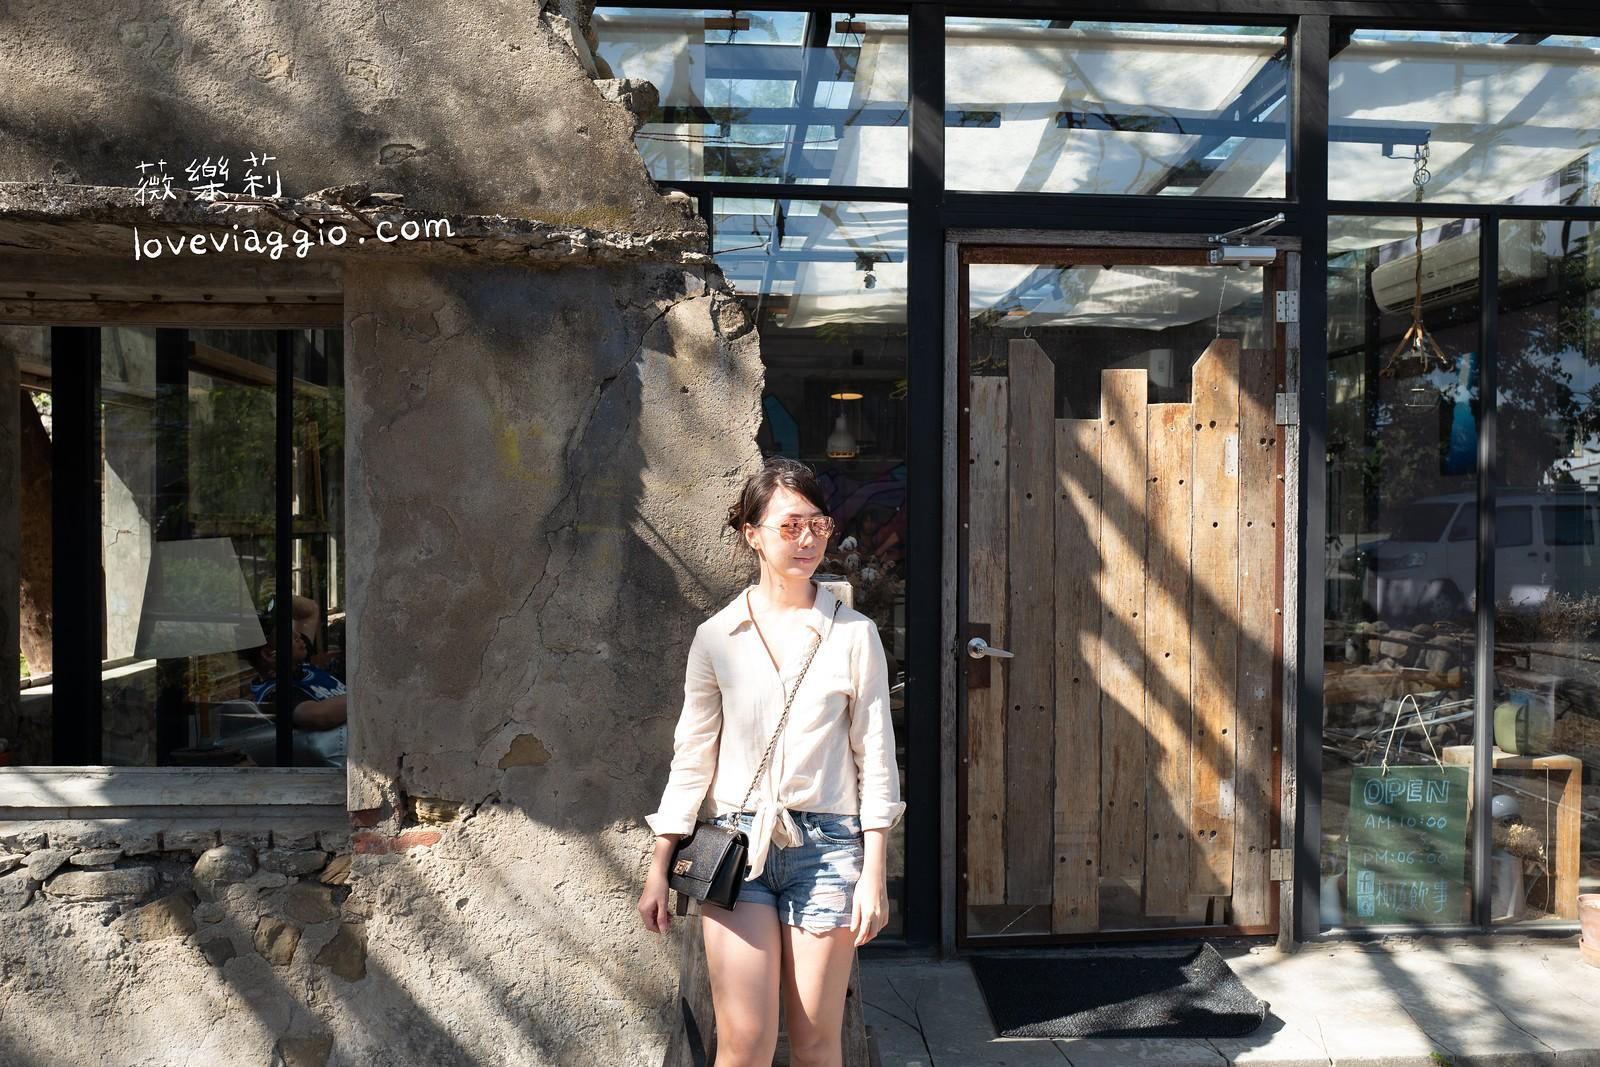 【墾丁|恆春】樹夏飲事 X 鈕扣倉庫 唯美廢墟玻璃屋咖啡店 @薇樂莉 Love Viaggio | 旅行.生活.攝影